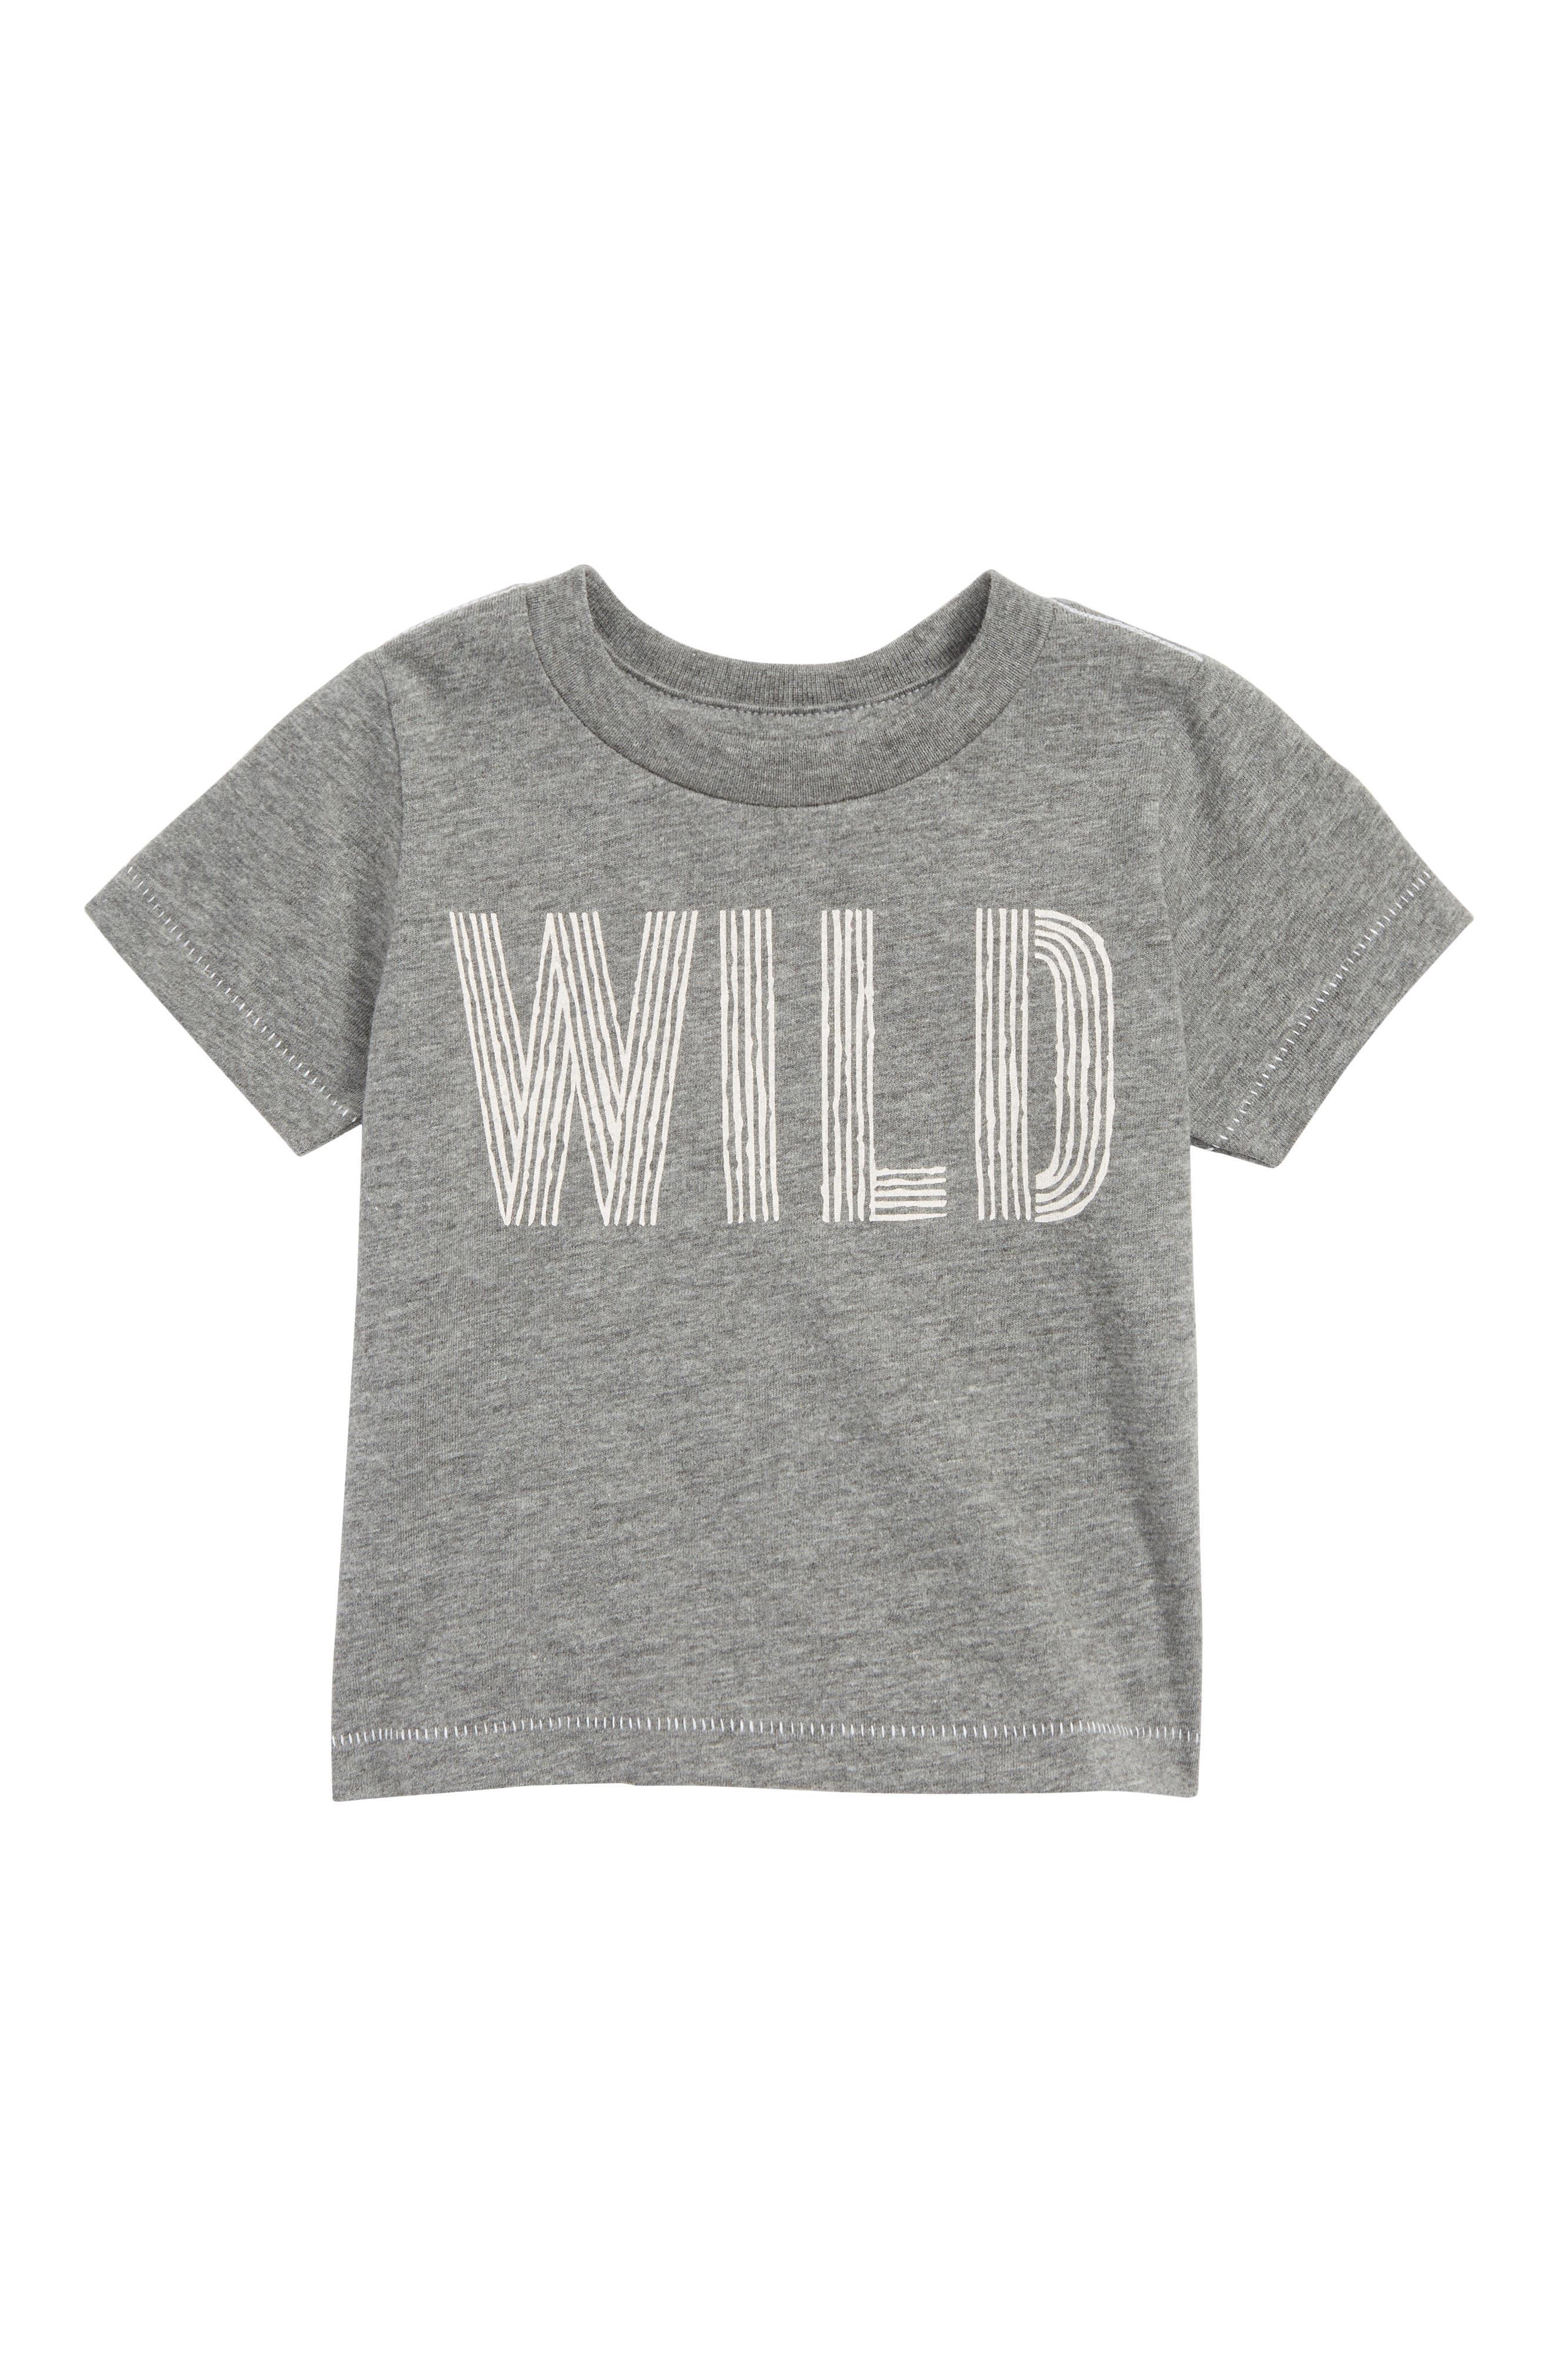 Peek Wild T-Shirt (Baby)